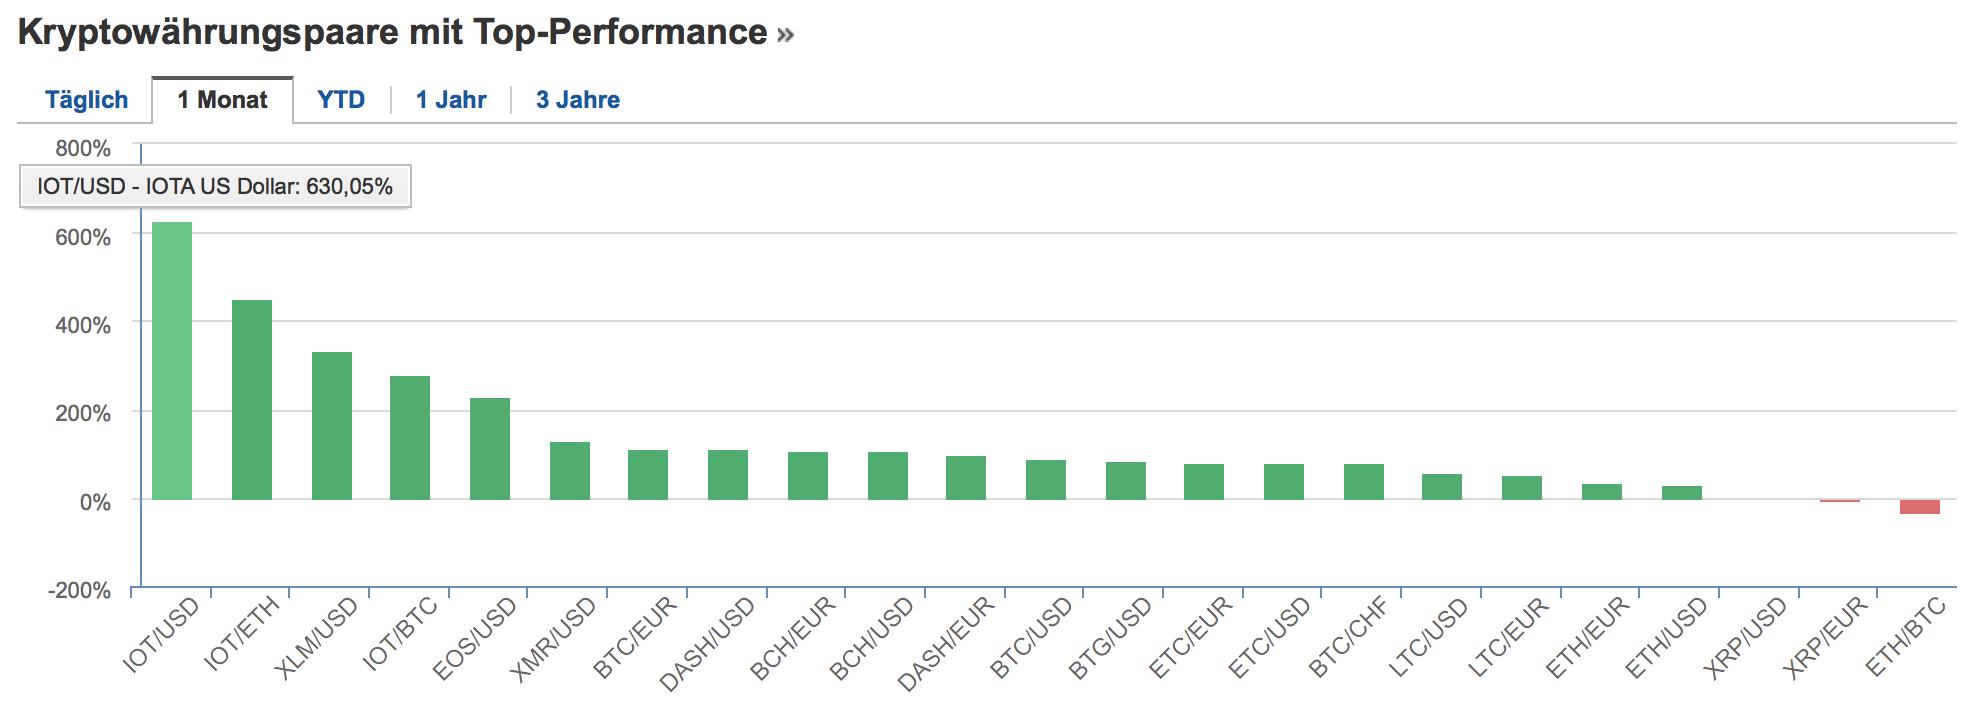 Performance-Table der Kryptowährungen